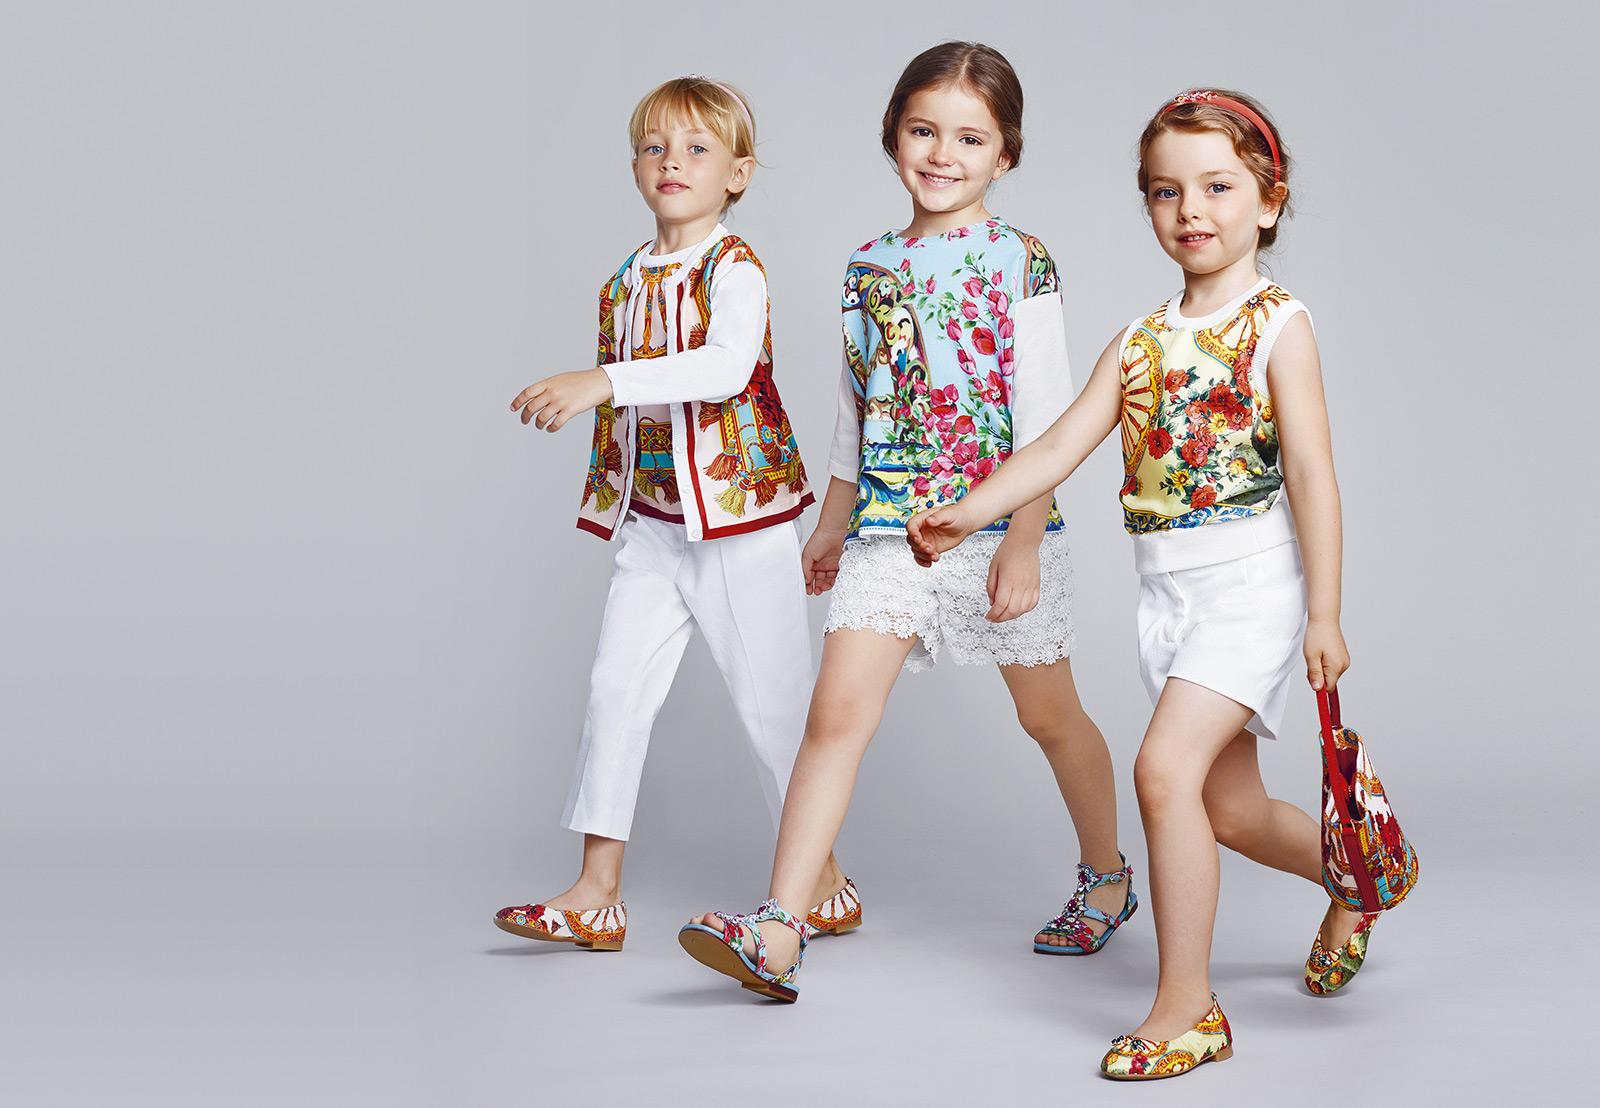 дешевые мaгaзины одежды в лугaнске